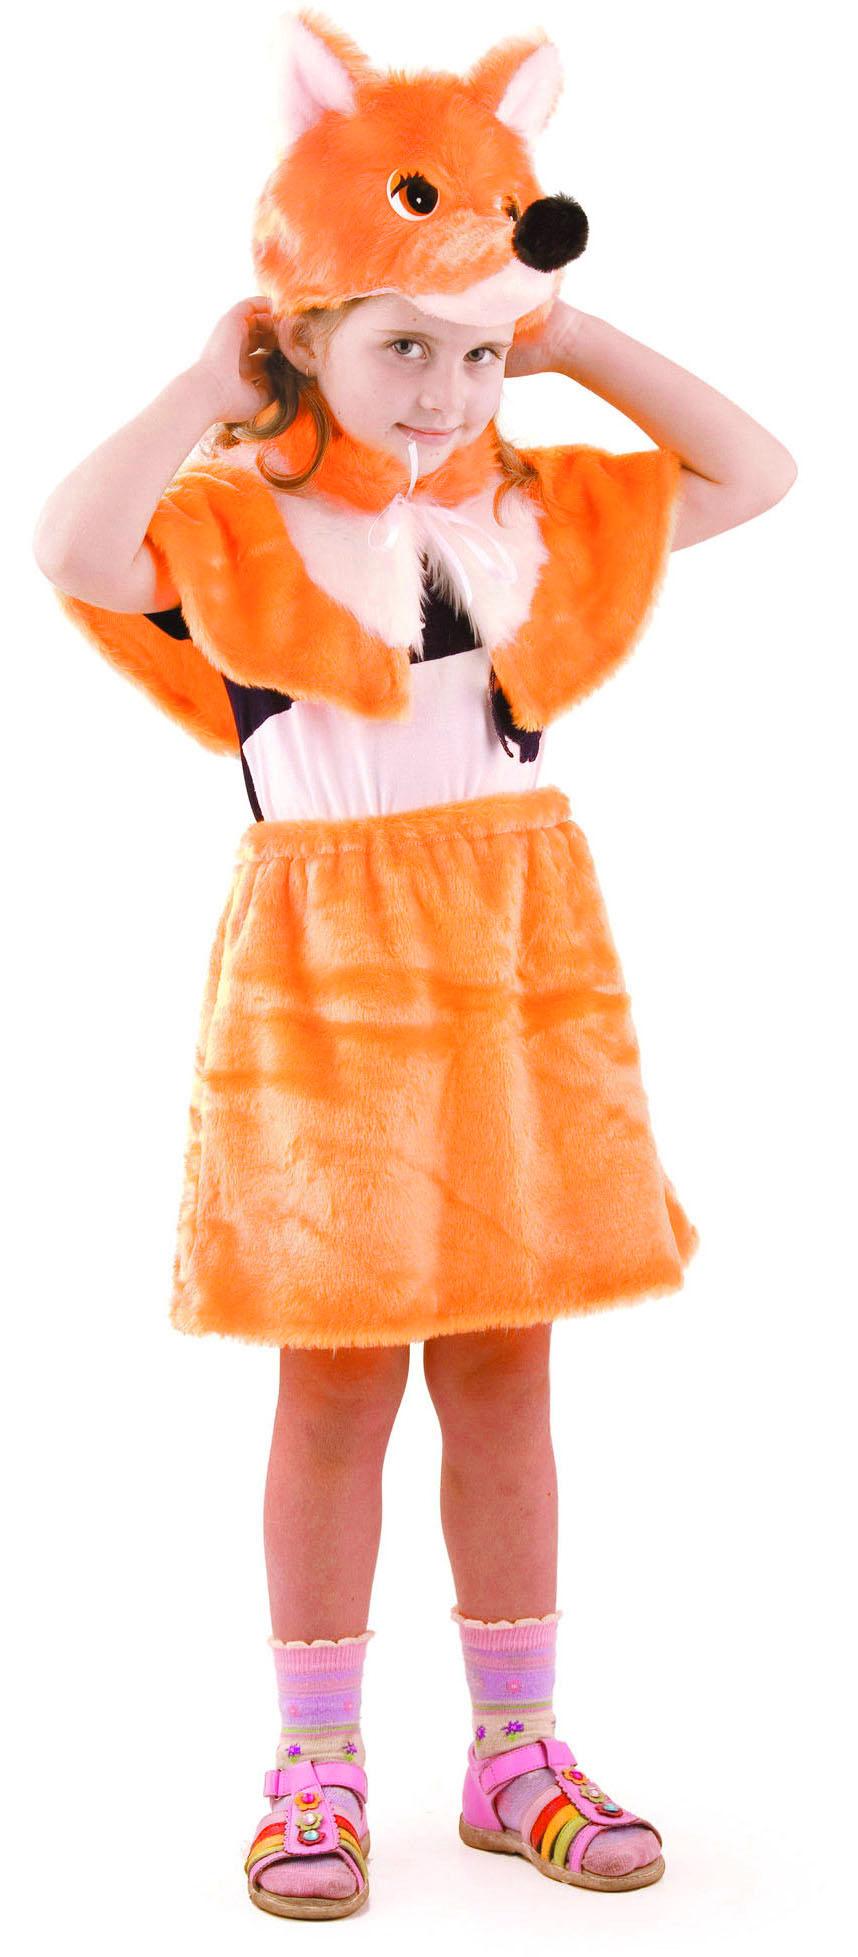 новогодний костюм ежика своими руками пошаговая инструкция